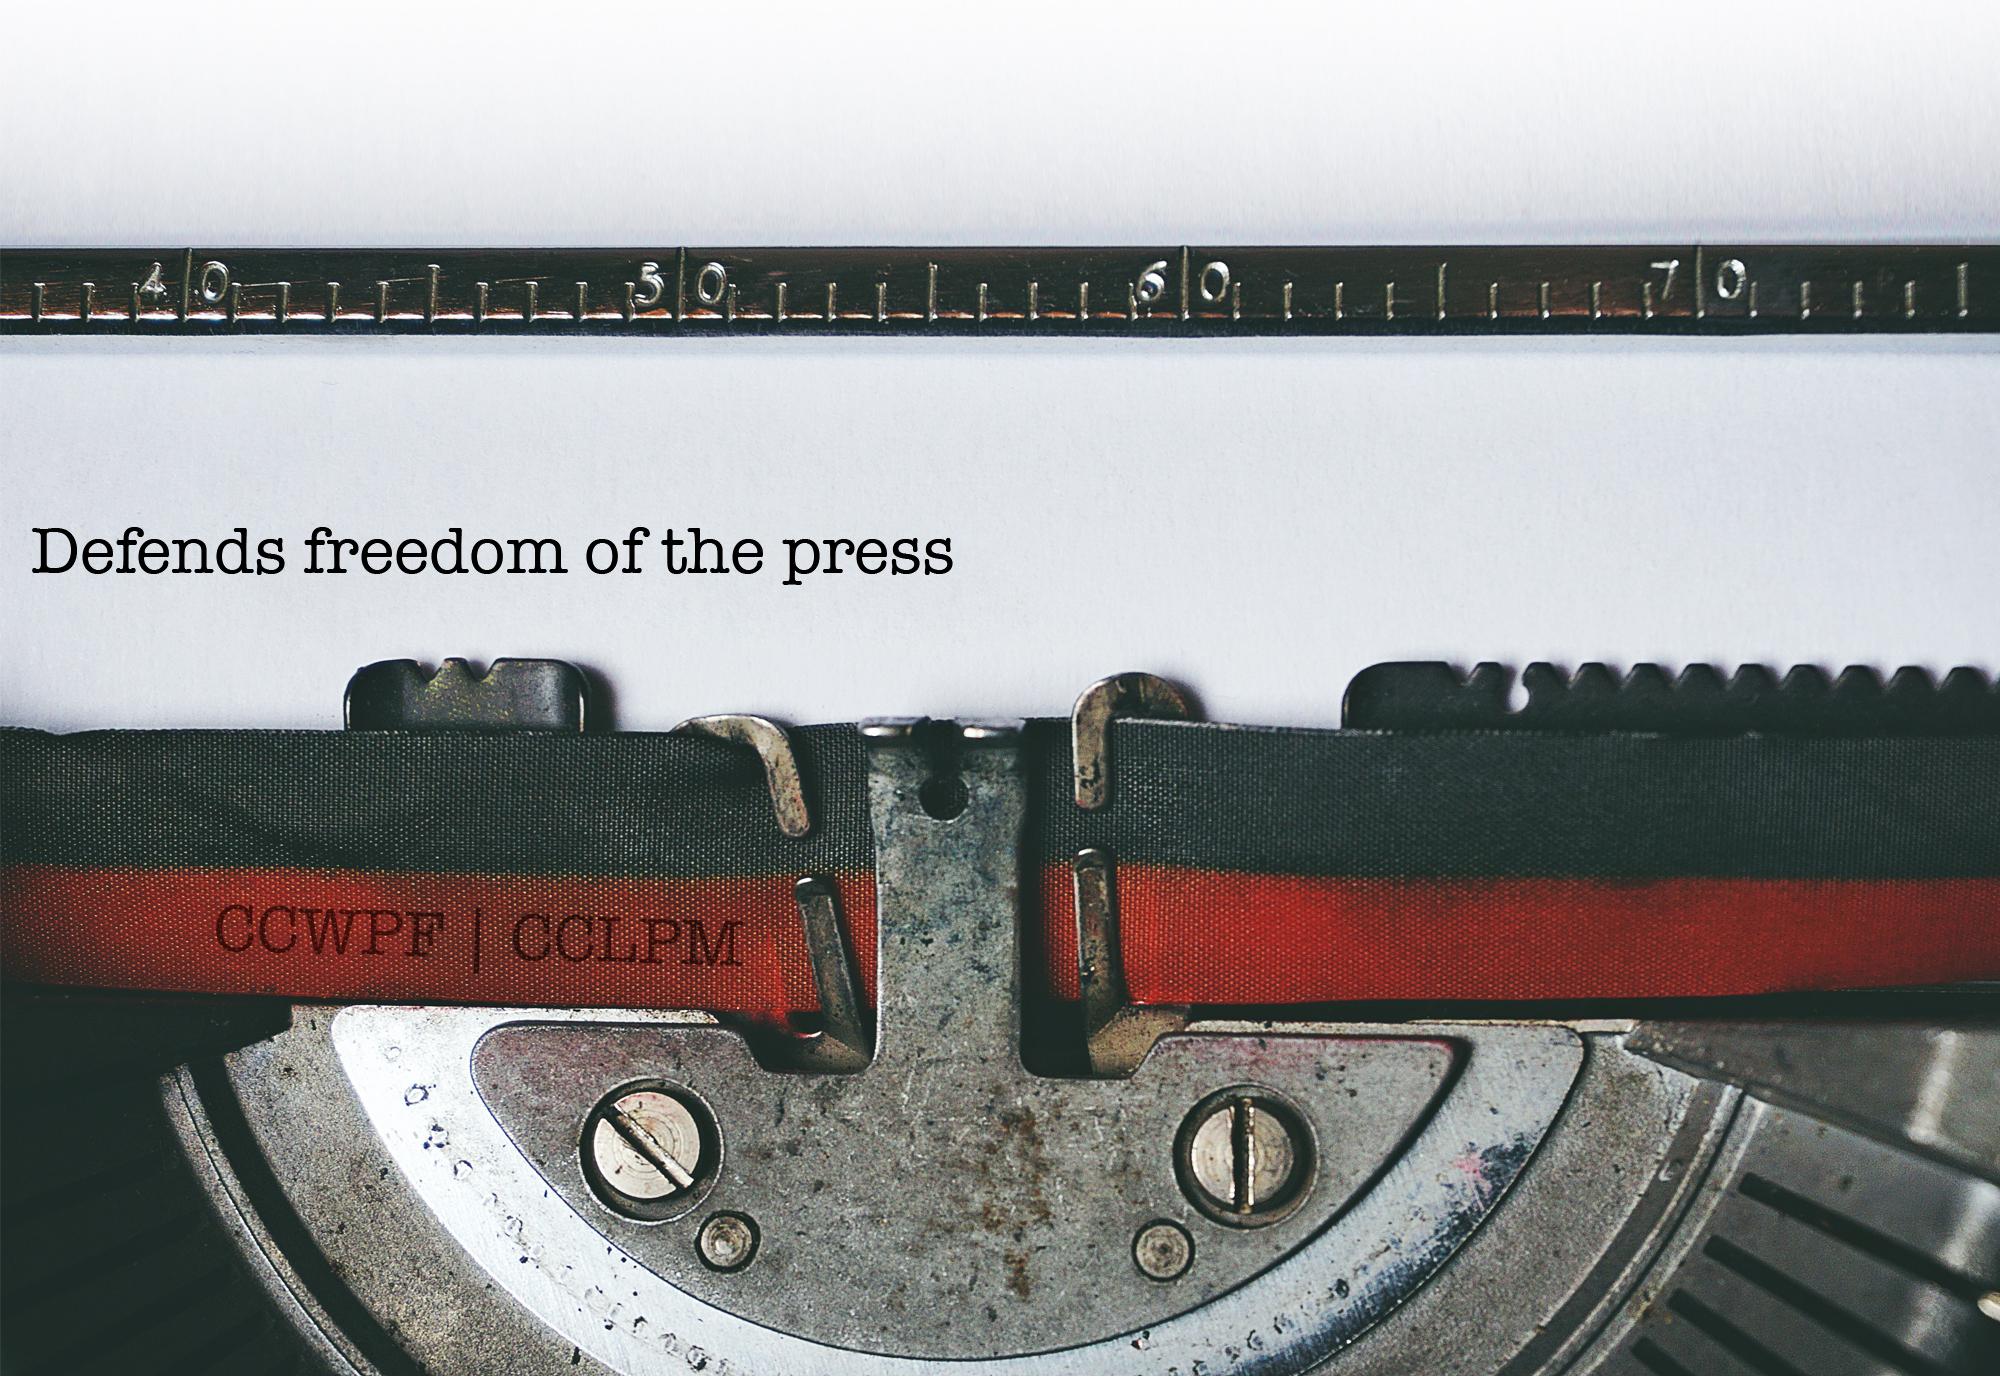 Canadian leaders mark World Press Freedom Day 2020 – Les leaders canadiens soulignent la Journée mondiale de la liberté de la presse 2020